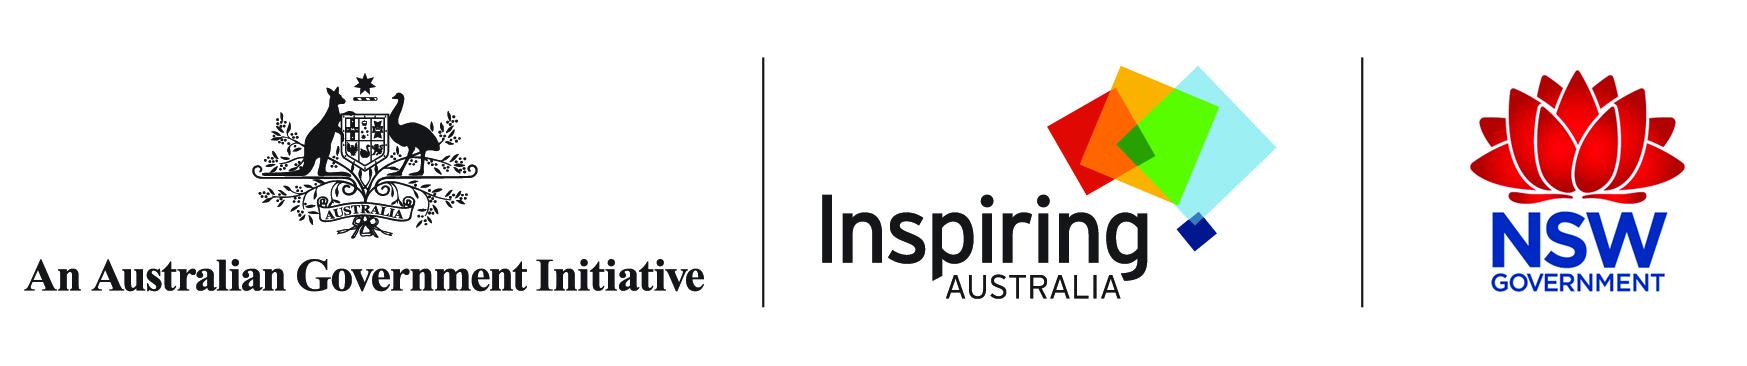 Inspiring Australia logos